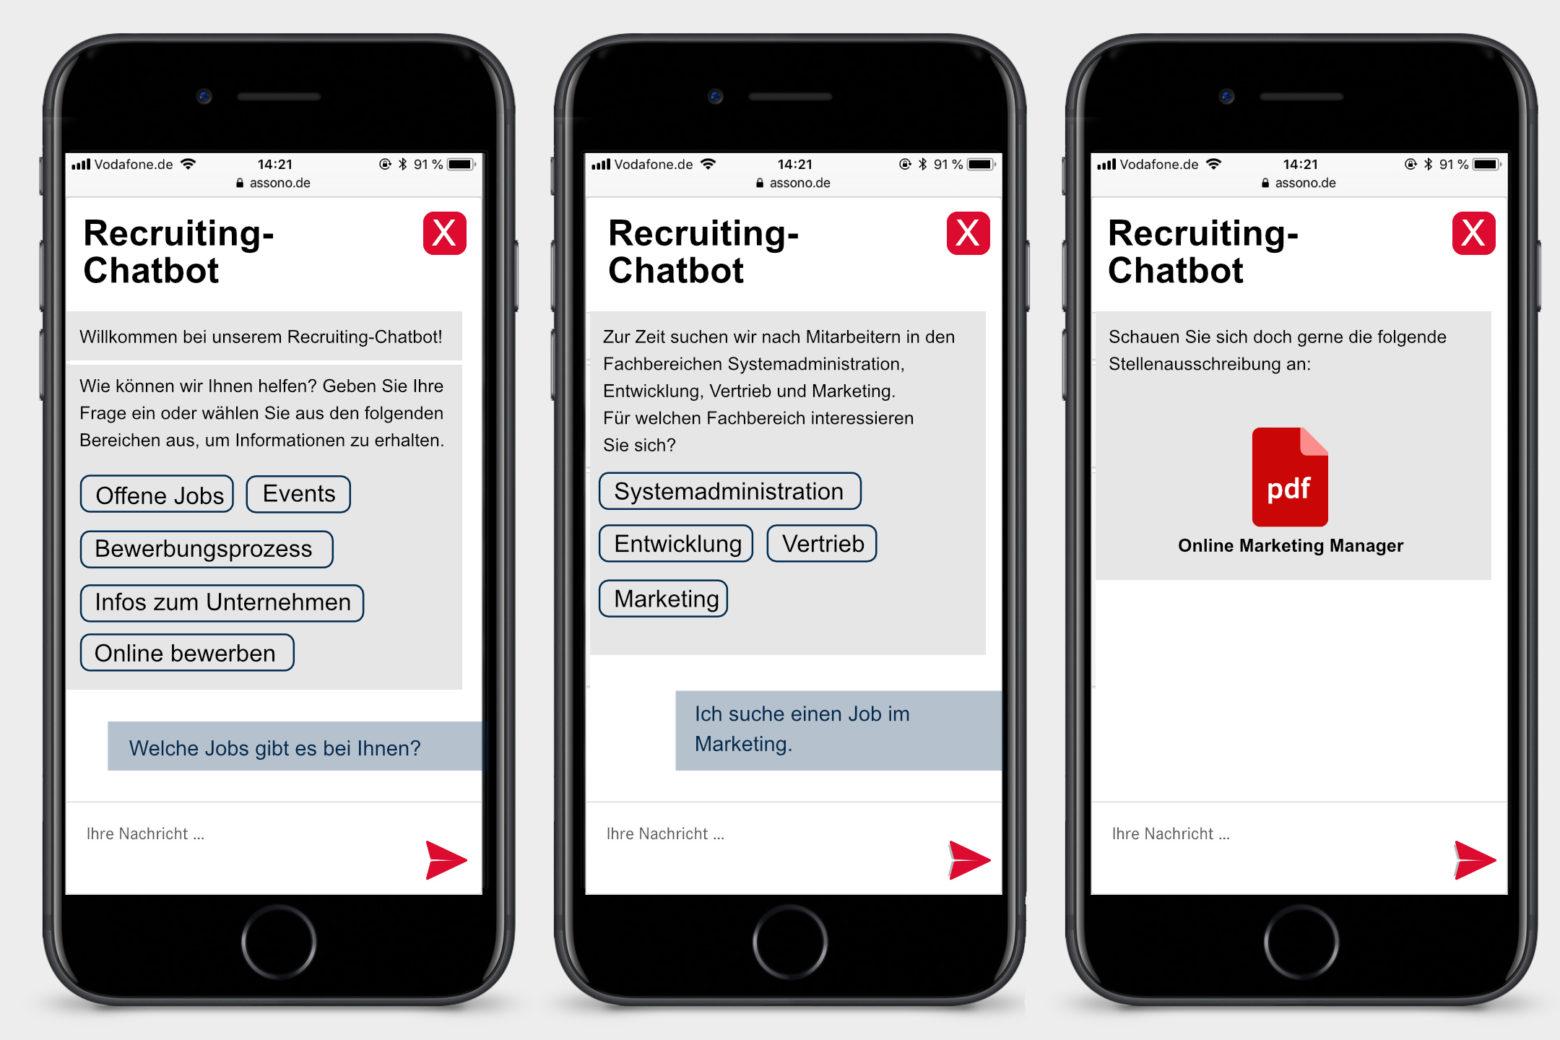 assono Bewerber-Management: Mit einem Chatbot das Bewerbermanagement sinnvoll ergänzen